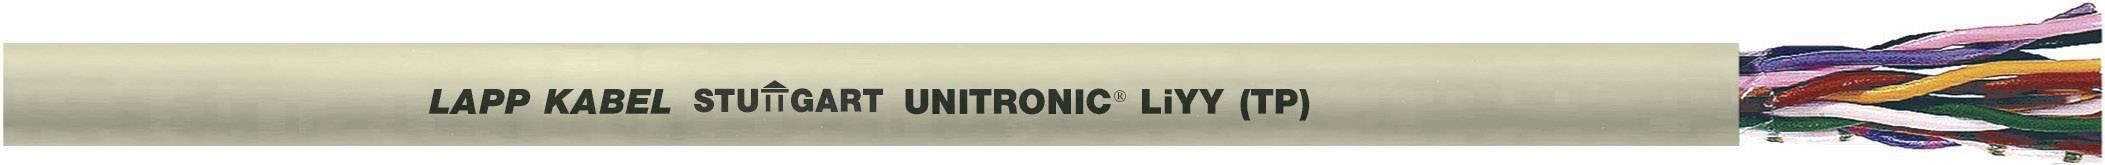 Dátový kábel LappKabel 0035102 UNITRONIC® LiYY (TP), 3 x 2 x 0.14 mm², sivá, metrový tovar